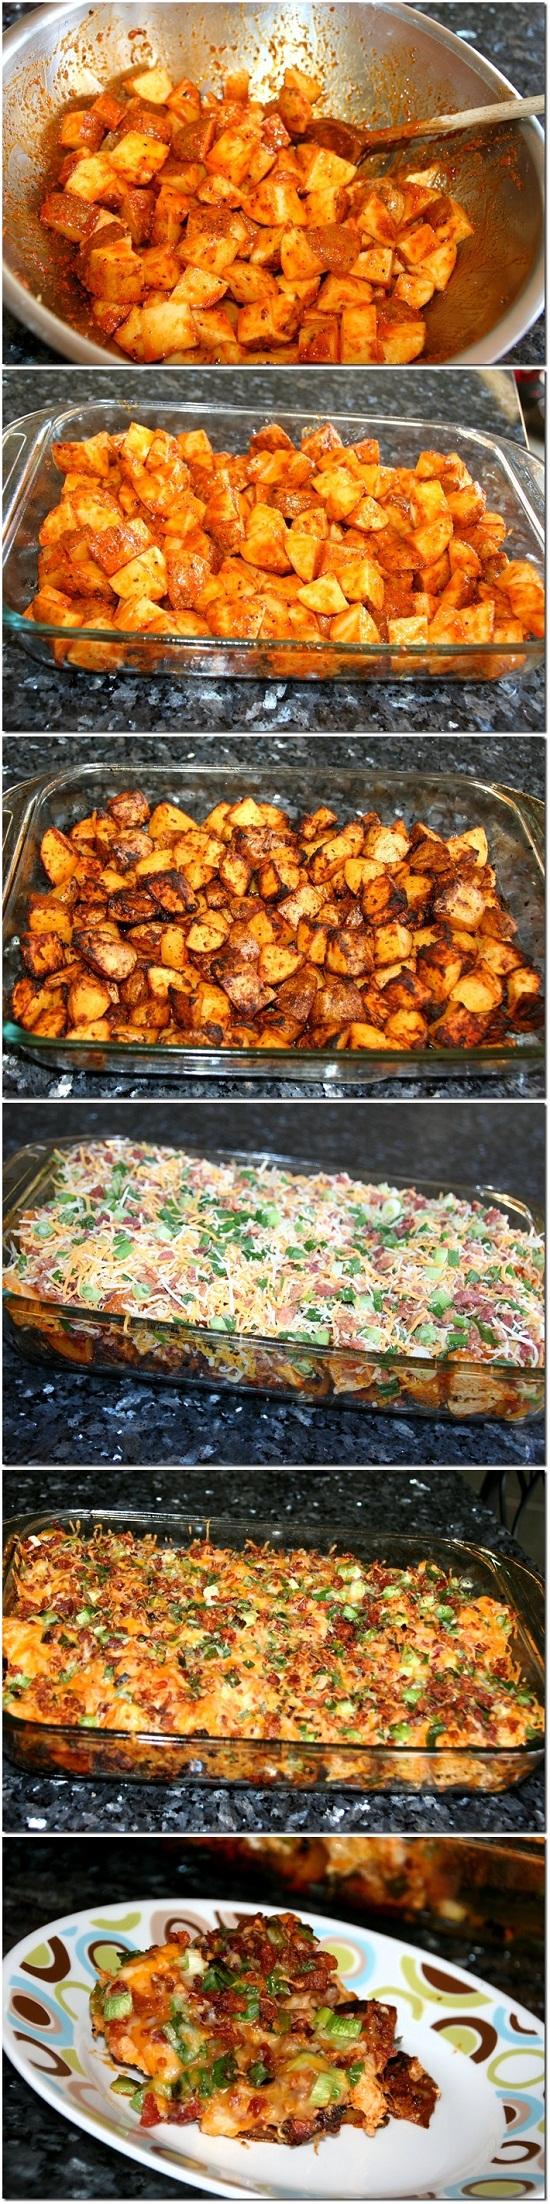 Loaded Potato & Buffalo Chicken Casserole Recipe | Quick ...